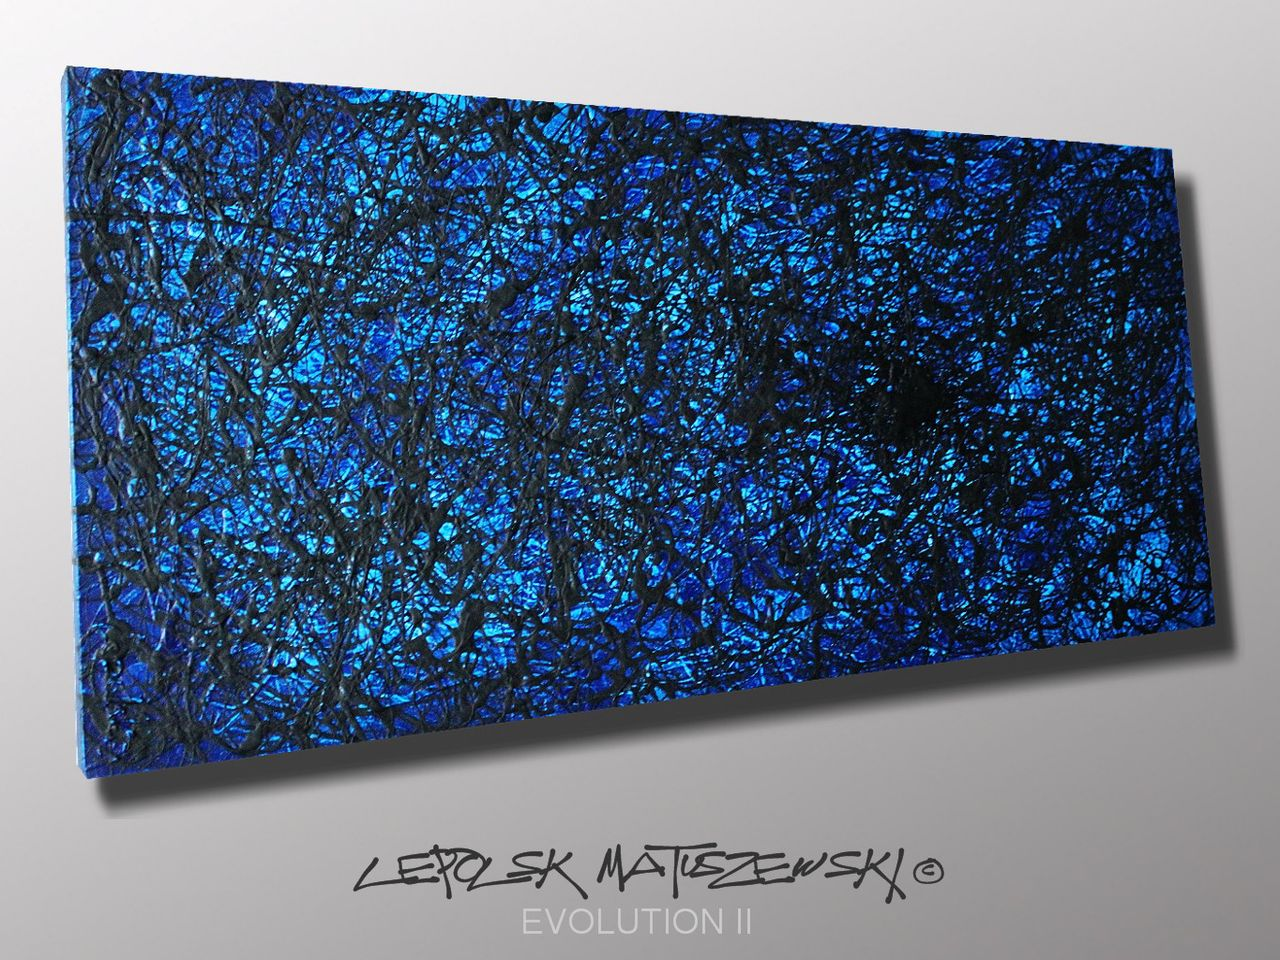 MISTER K  (Lepolsk Matuszewski) EVOLUTION II   Expressionnisme abstrait contemporain